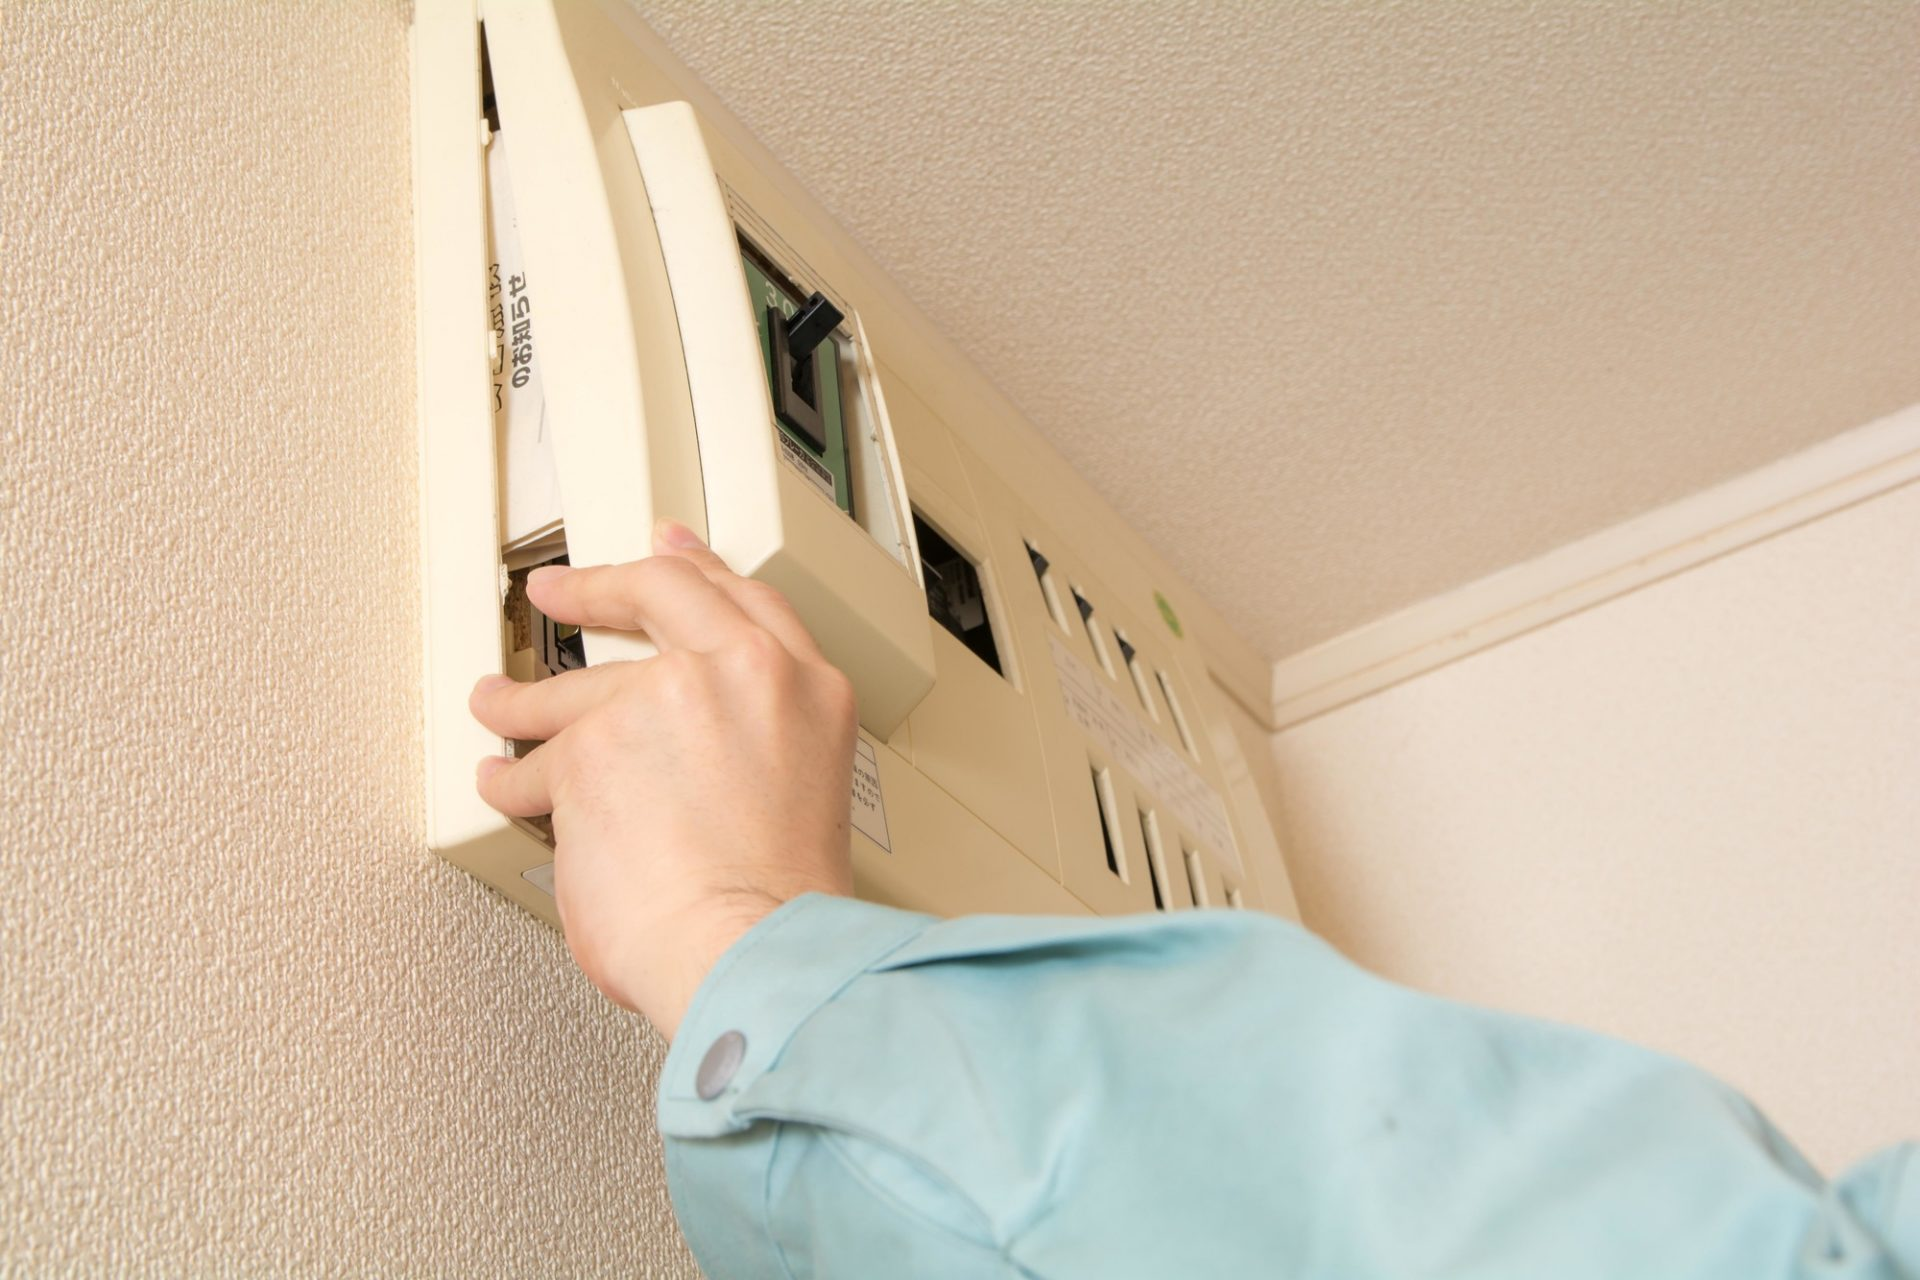 スイッチの配線図も簡単に!電気工事の図面の作成方法